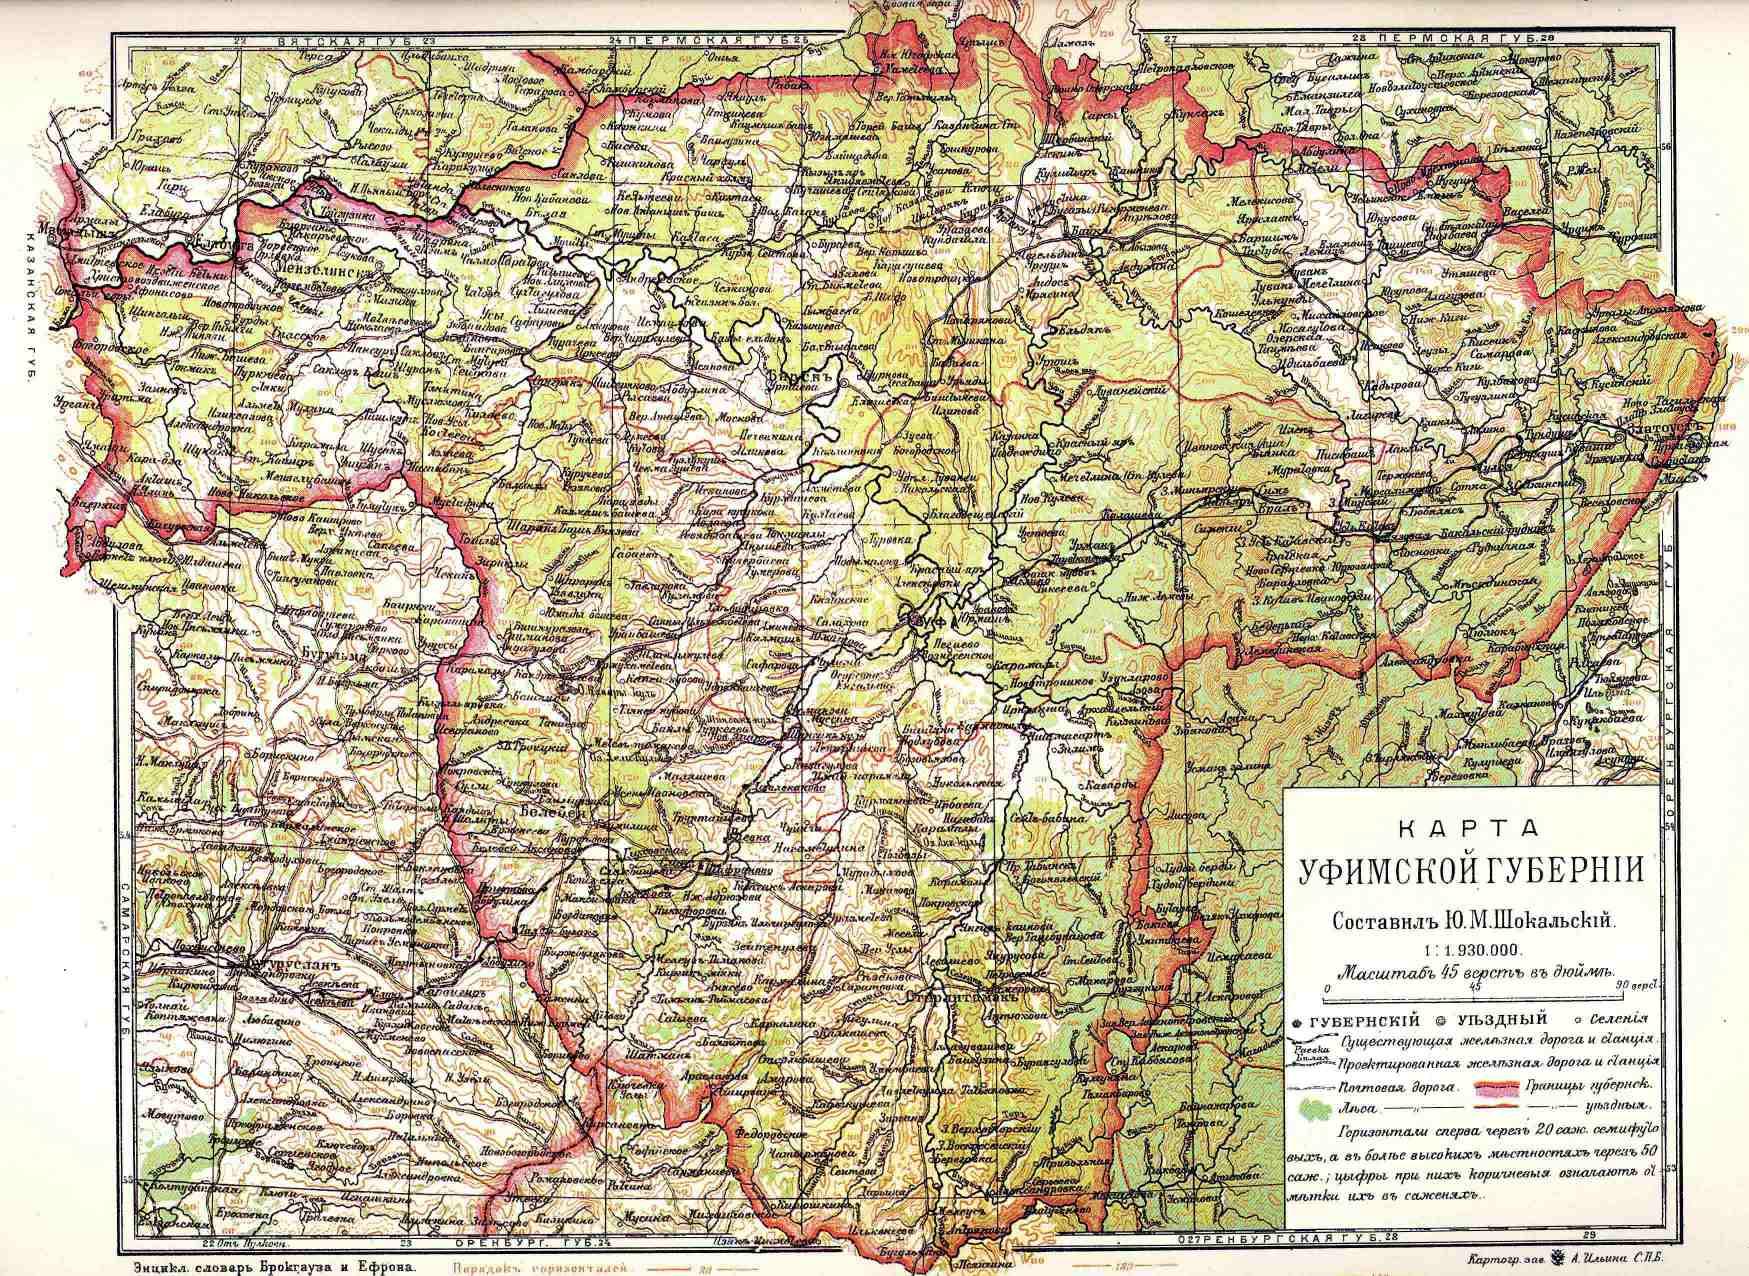 Уфимская губерния - это... Что такое Уфимская губерния?